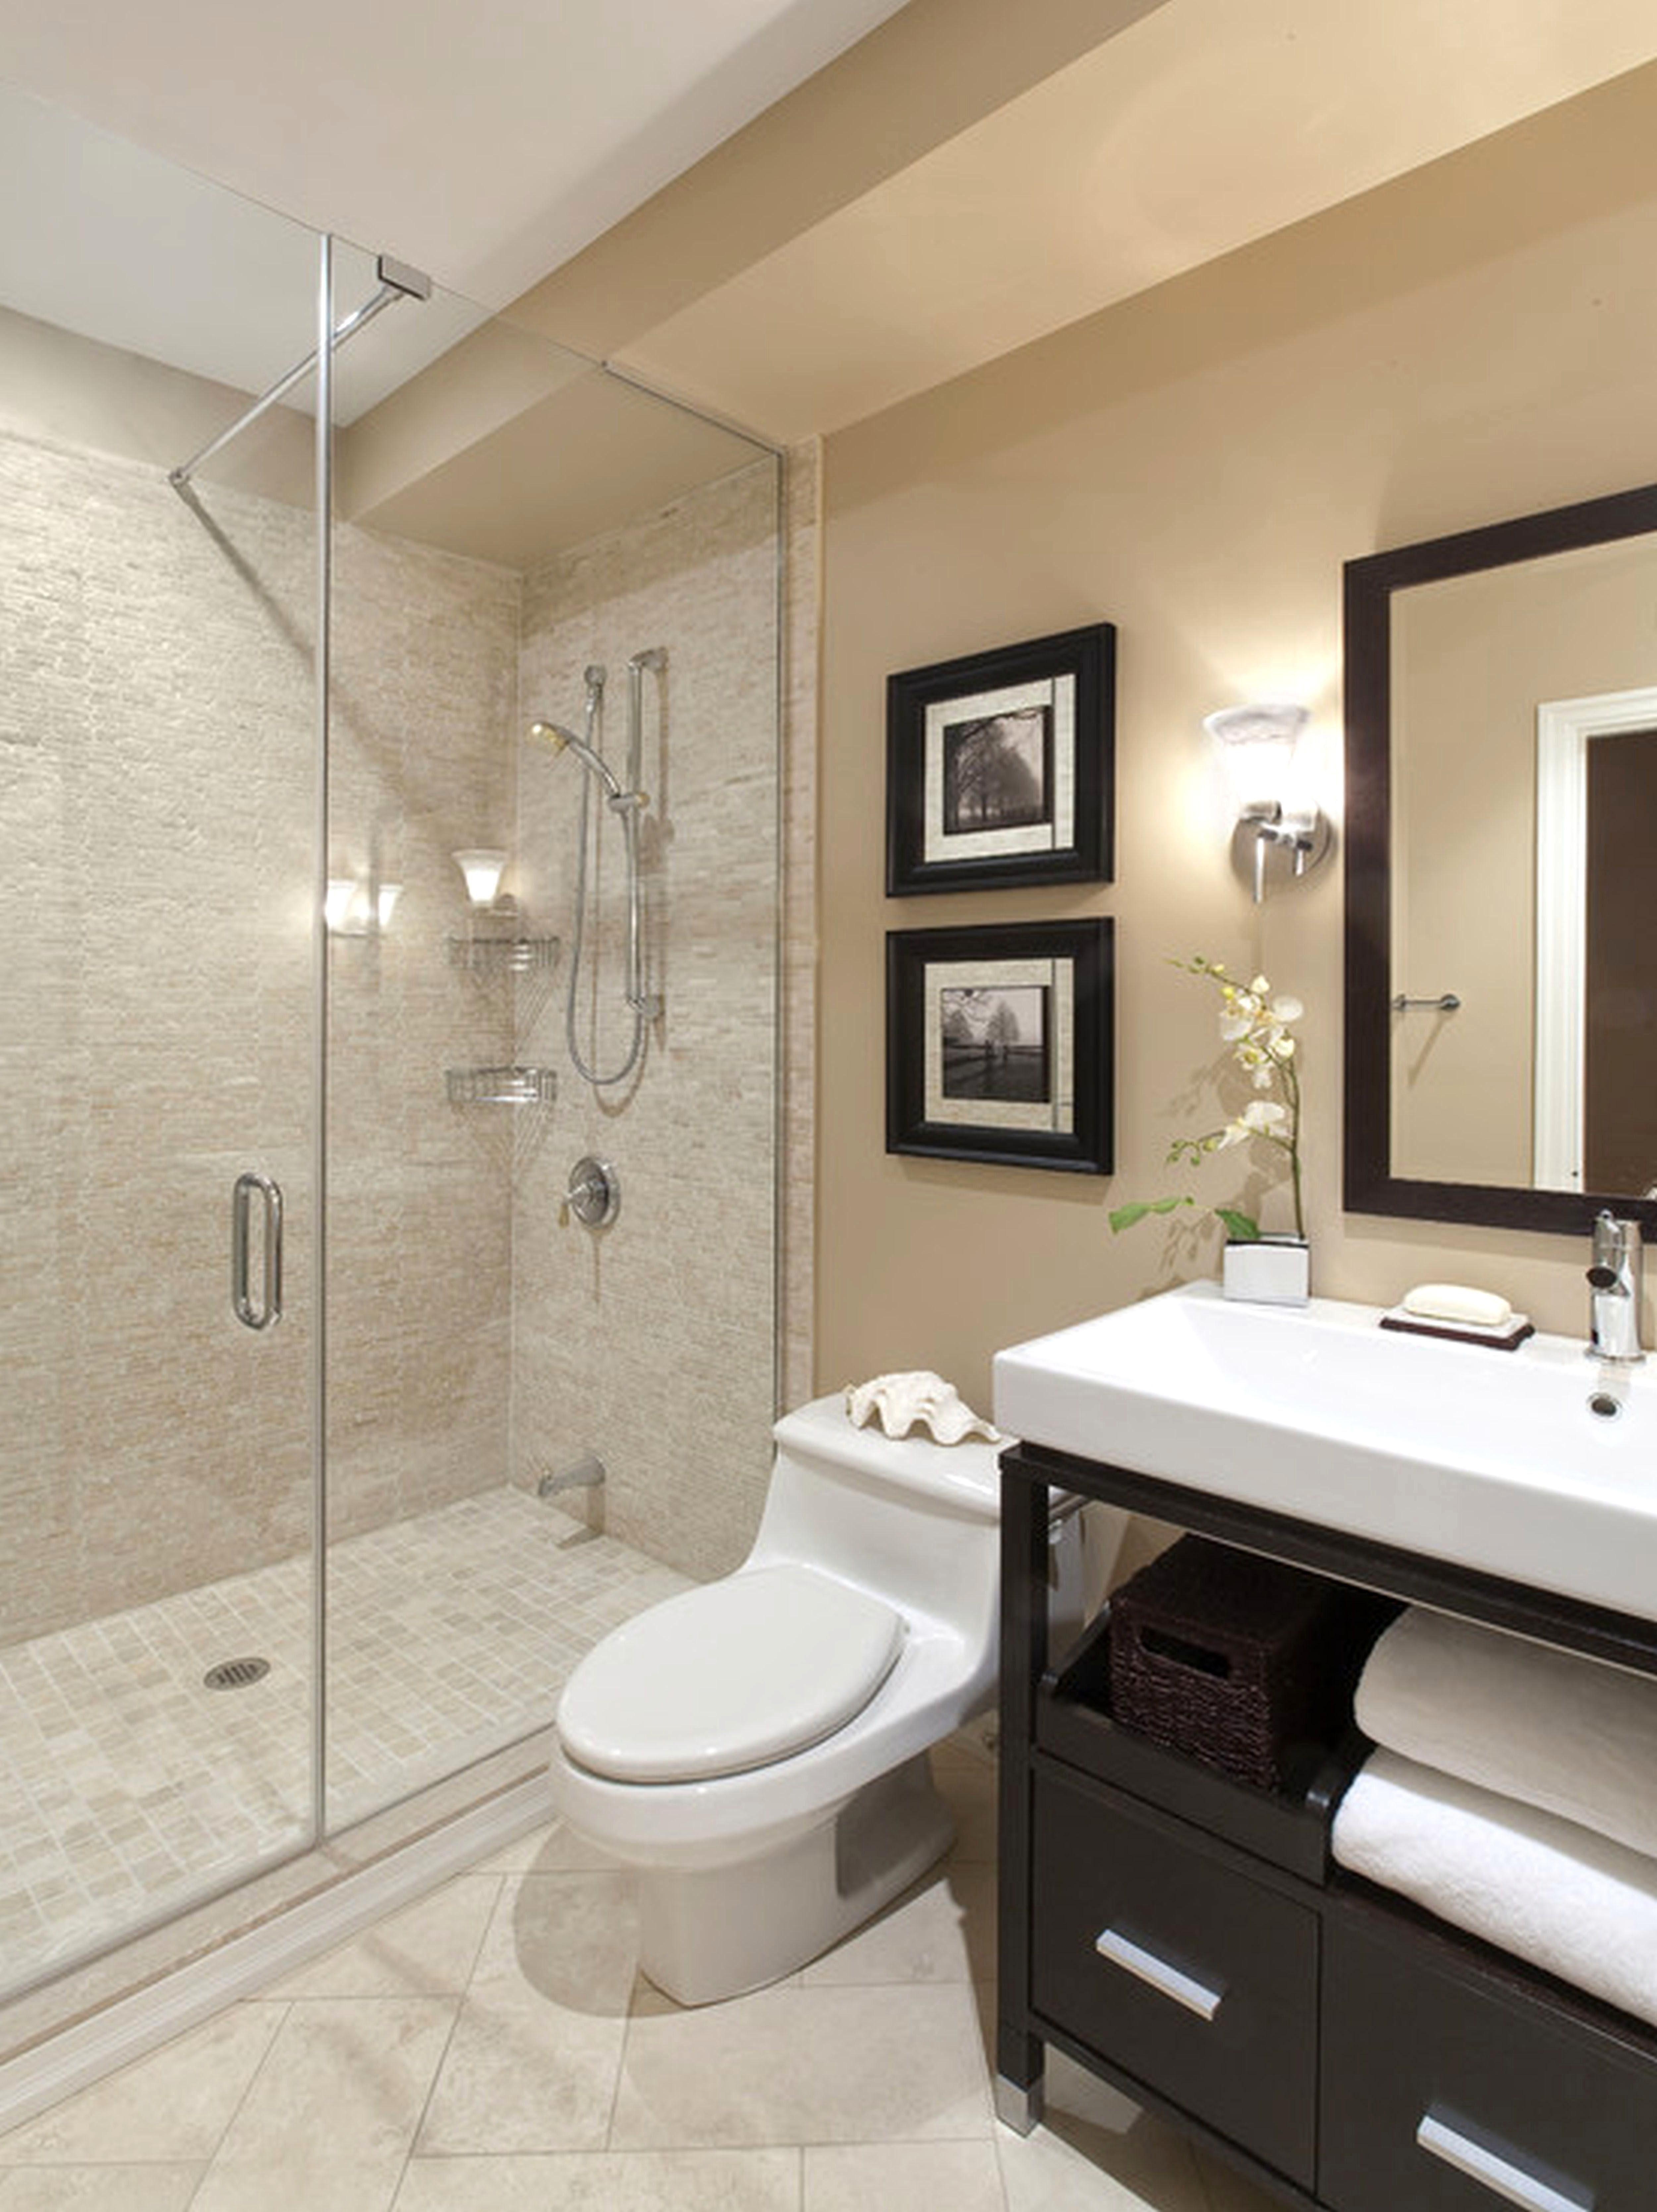 Stylish Bathroom Designs July 2018 Full Bathroom Remodel Small Full Bathroom Modern Small Bathrooms